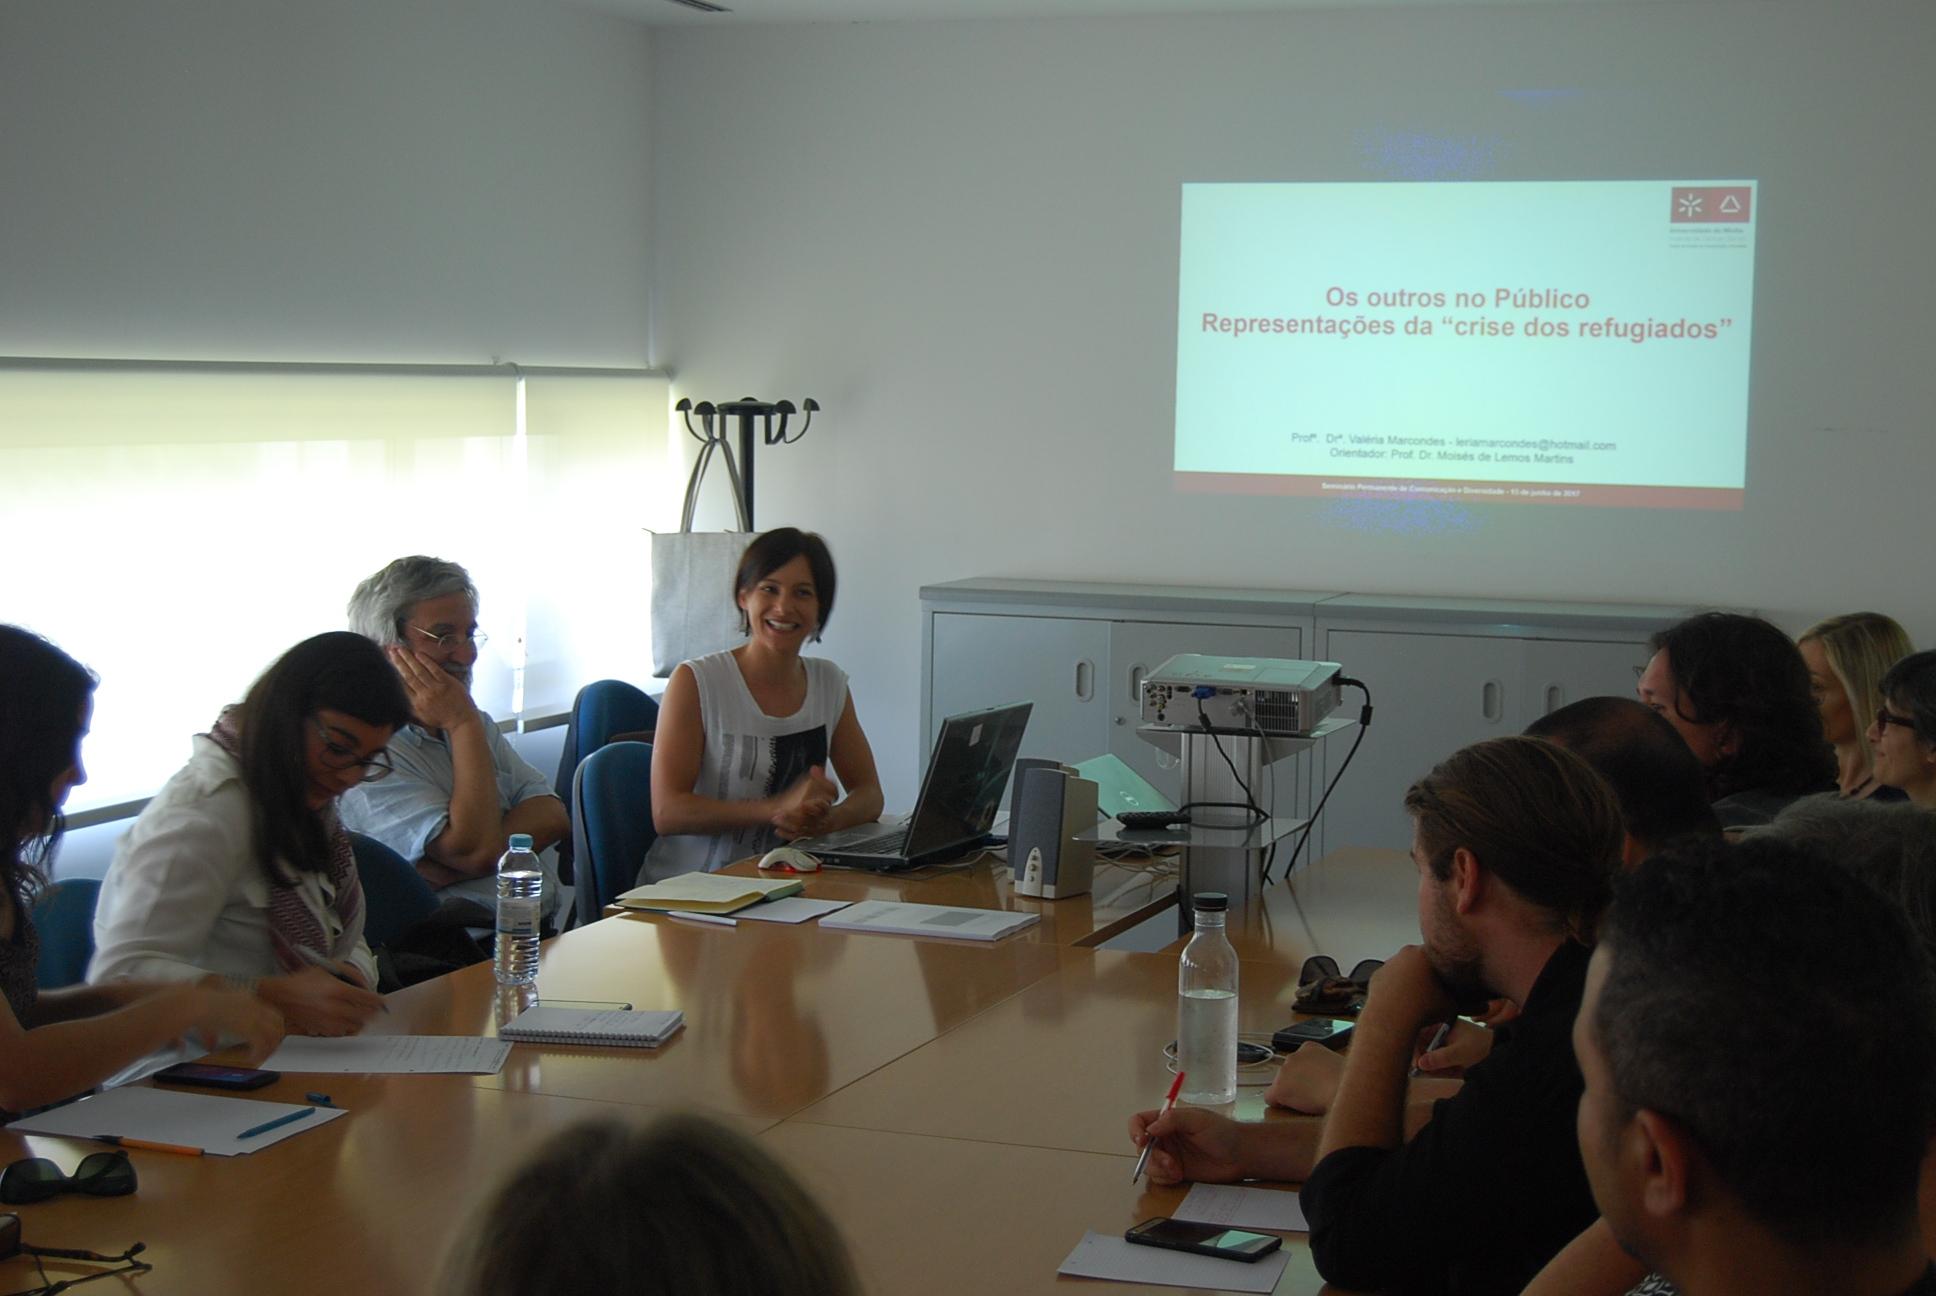 """A mediatização da """"crise dos refugiados"""" em discussão no Seminário Permanente de Comunicação e Diversidade"""